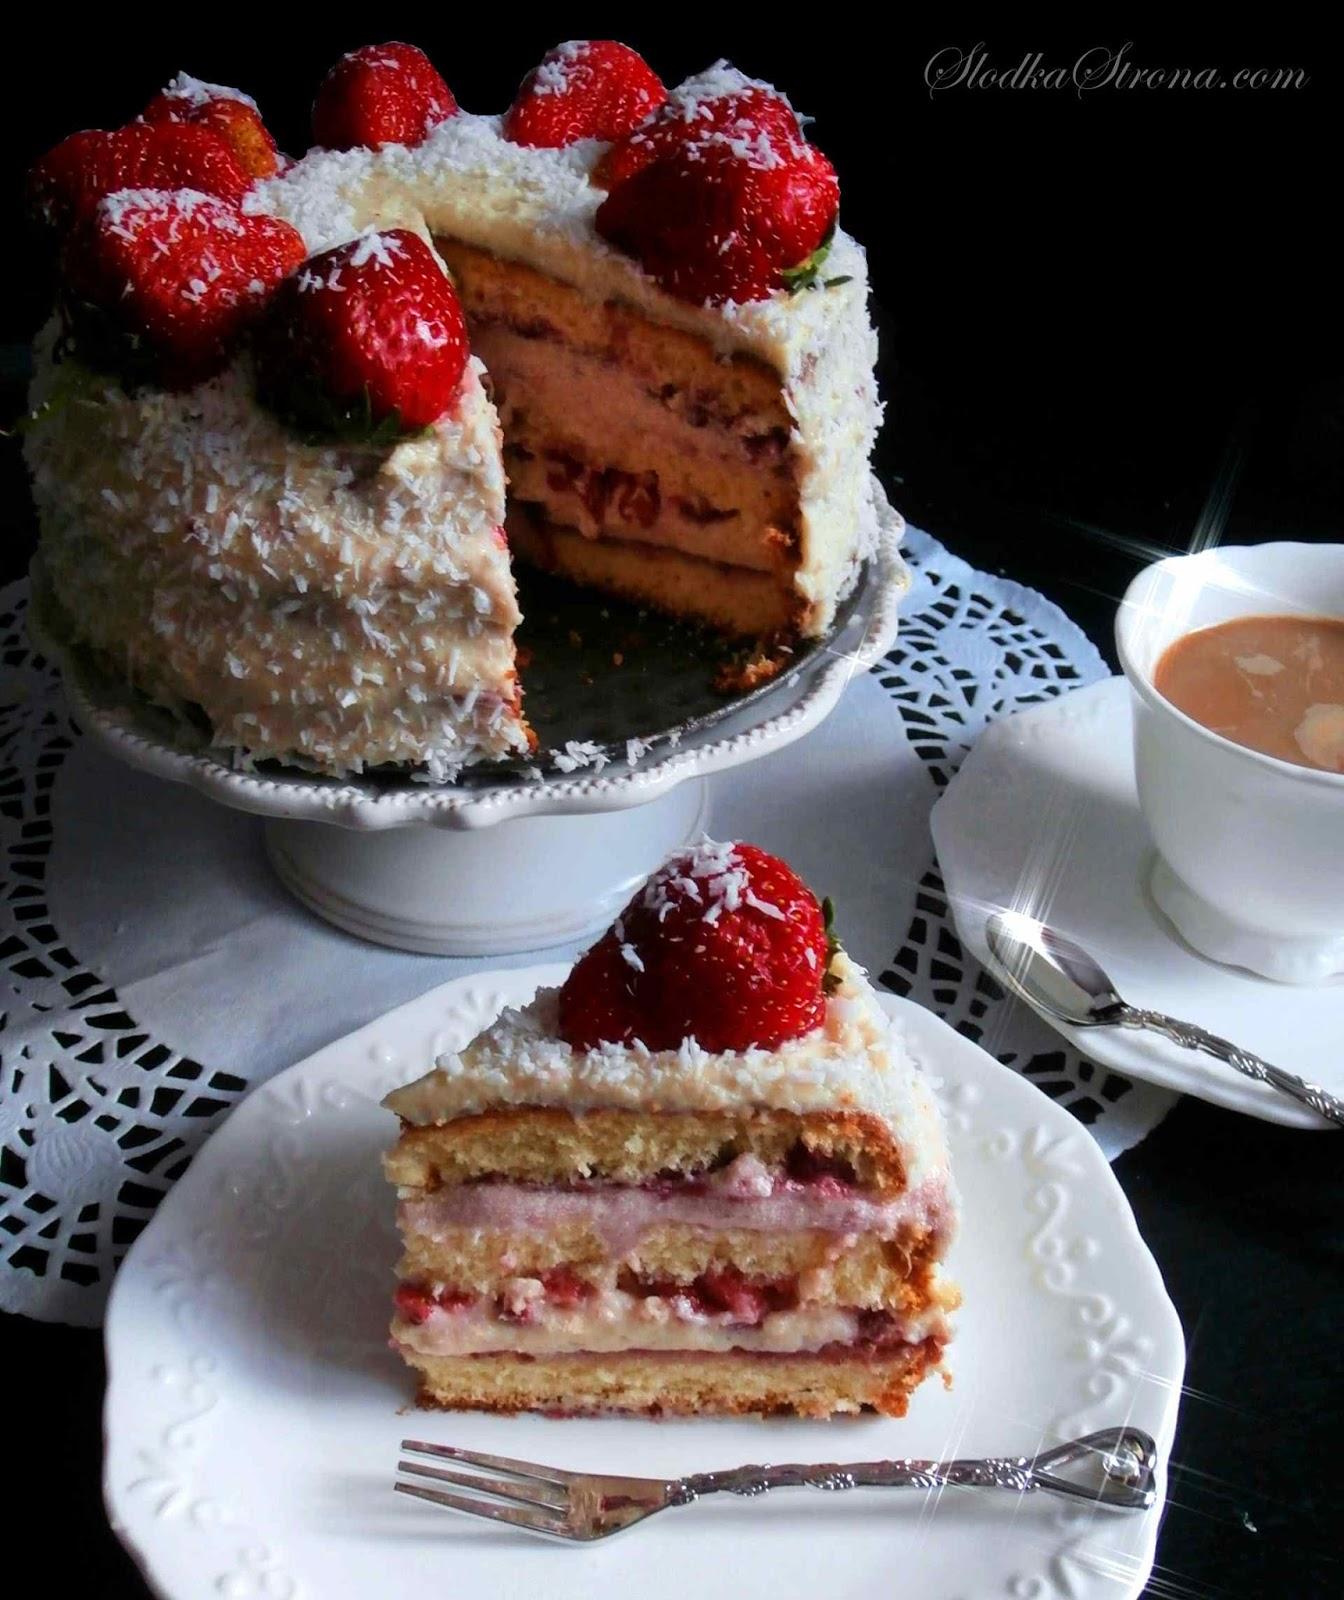 Tort Truskawkowy z Masą Budyniowo-Mleczną i Konfiturą Malinową - Przepis - Słodka Strona